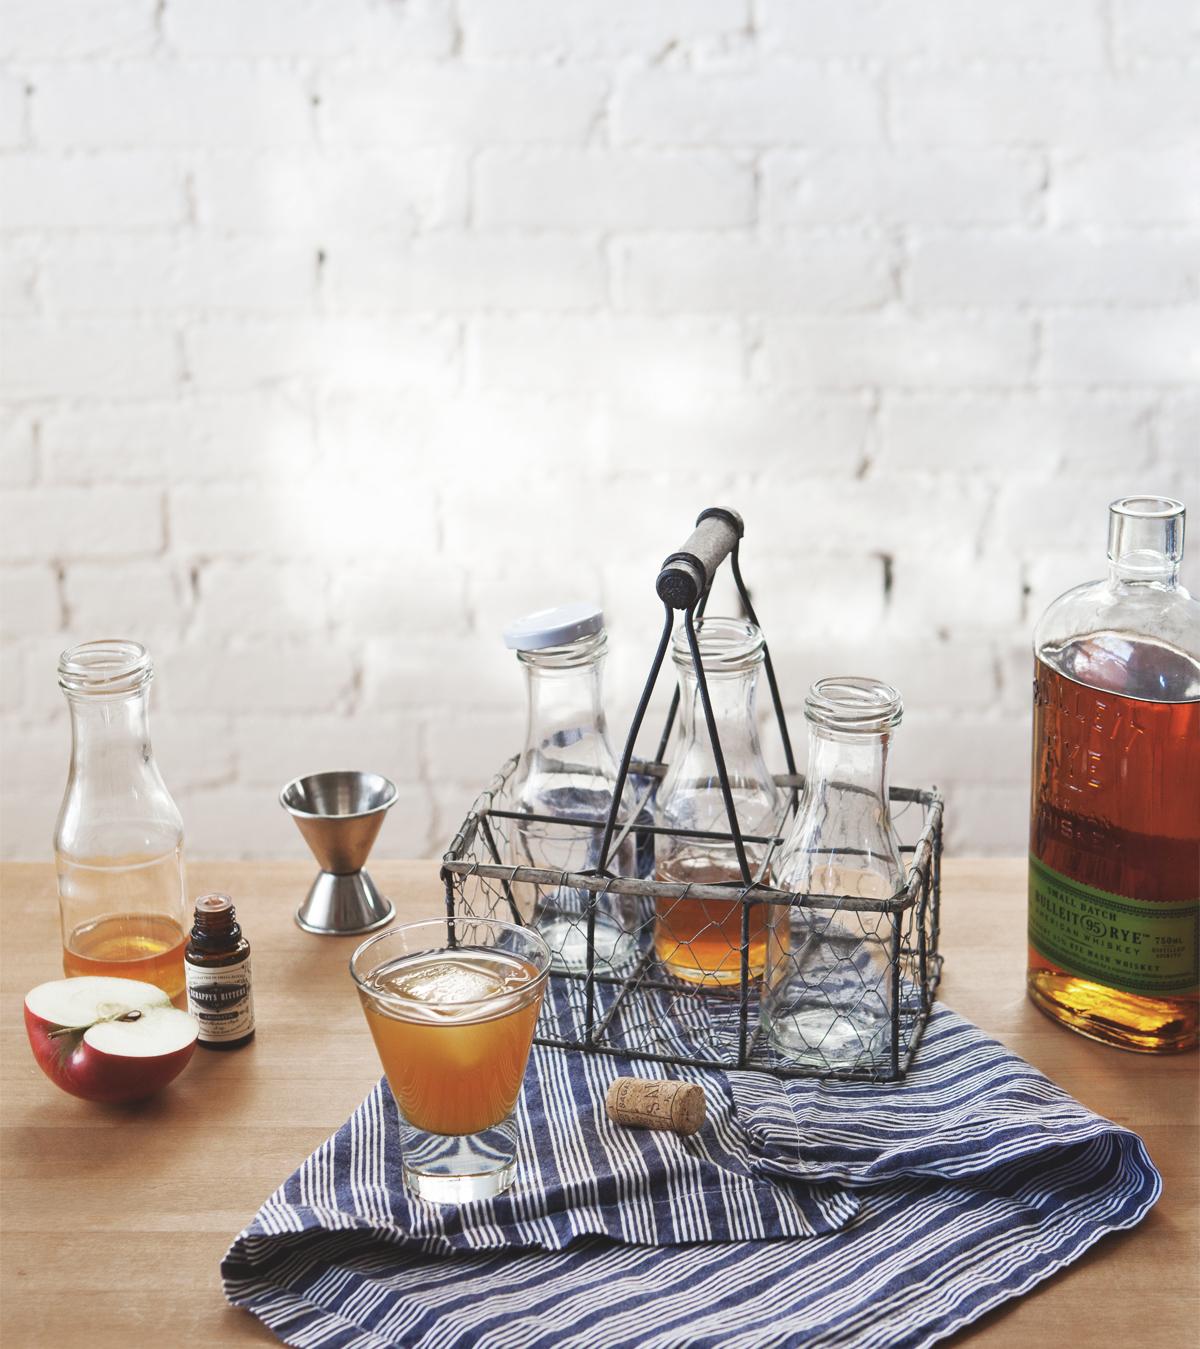 Cider-and-Rye-Cocktail_JG_01.jpg